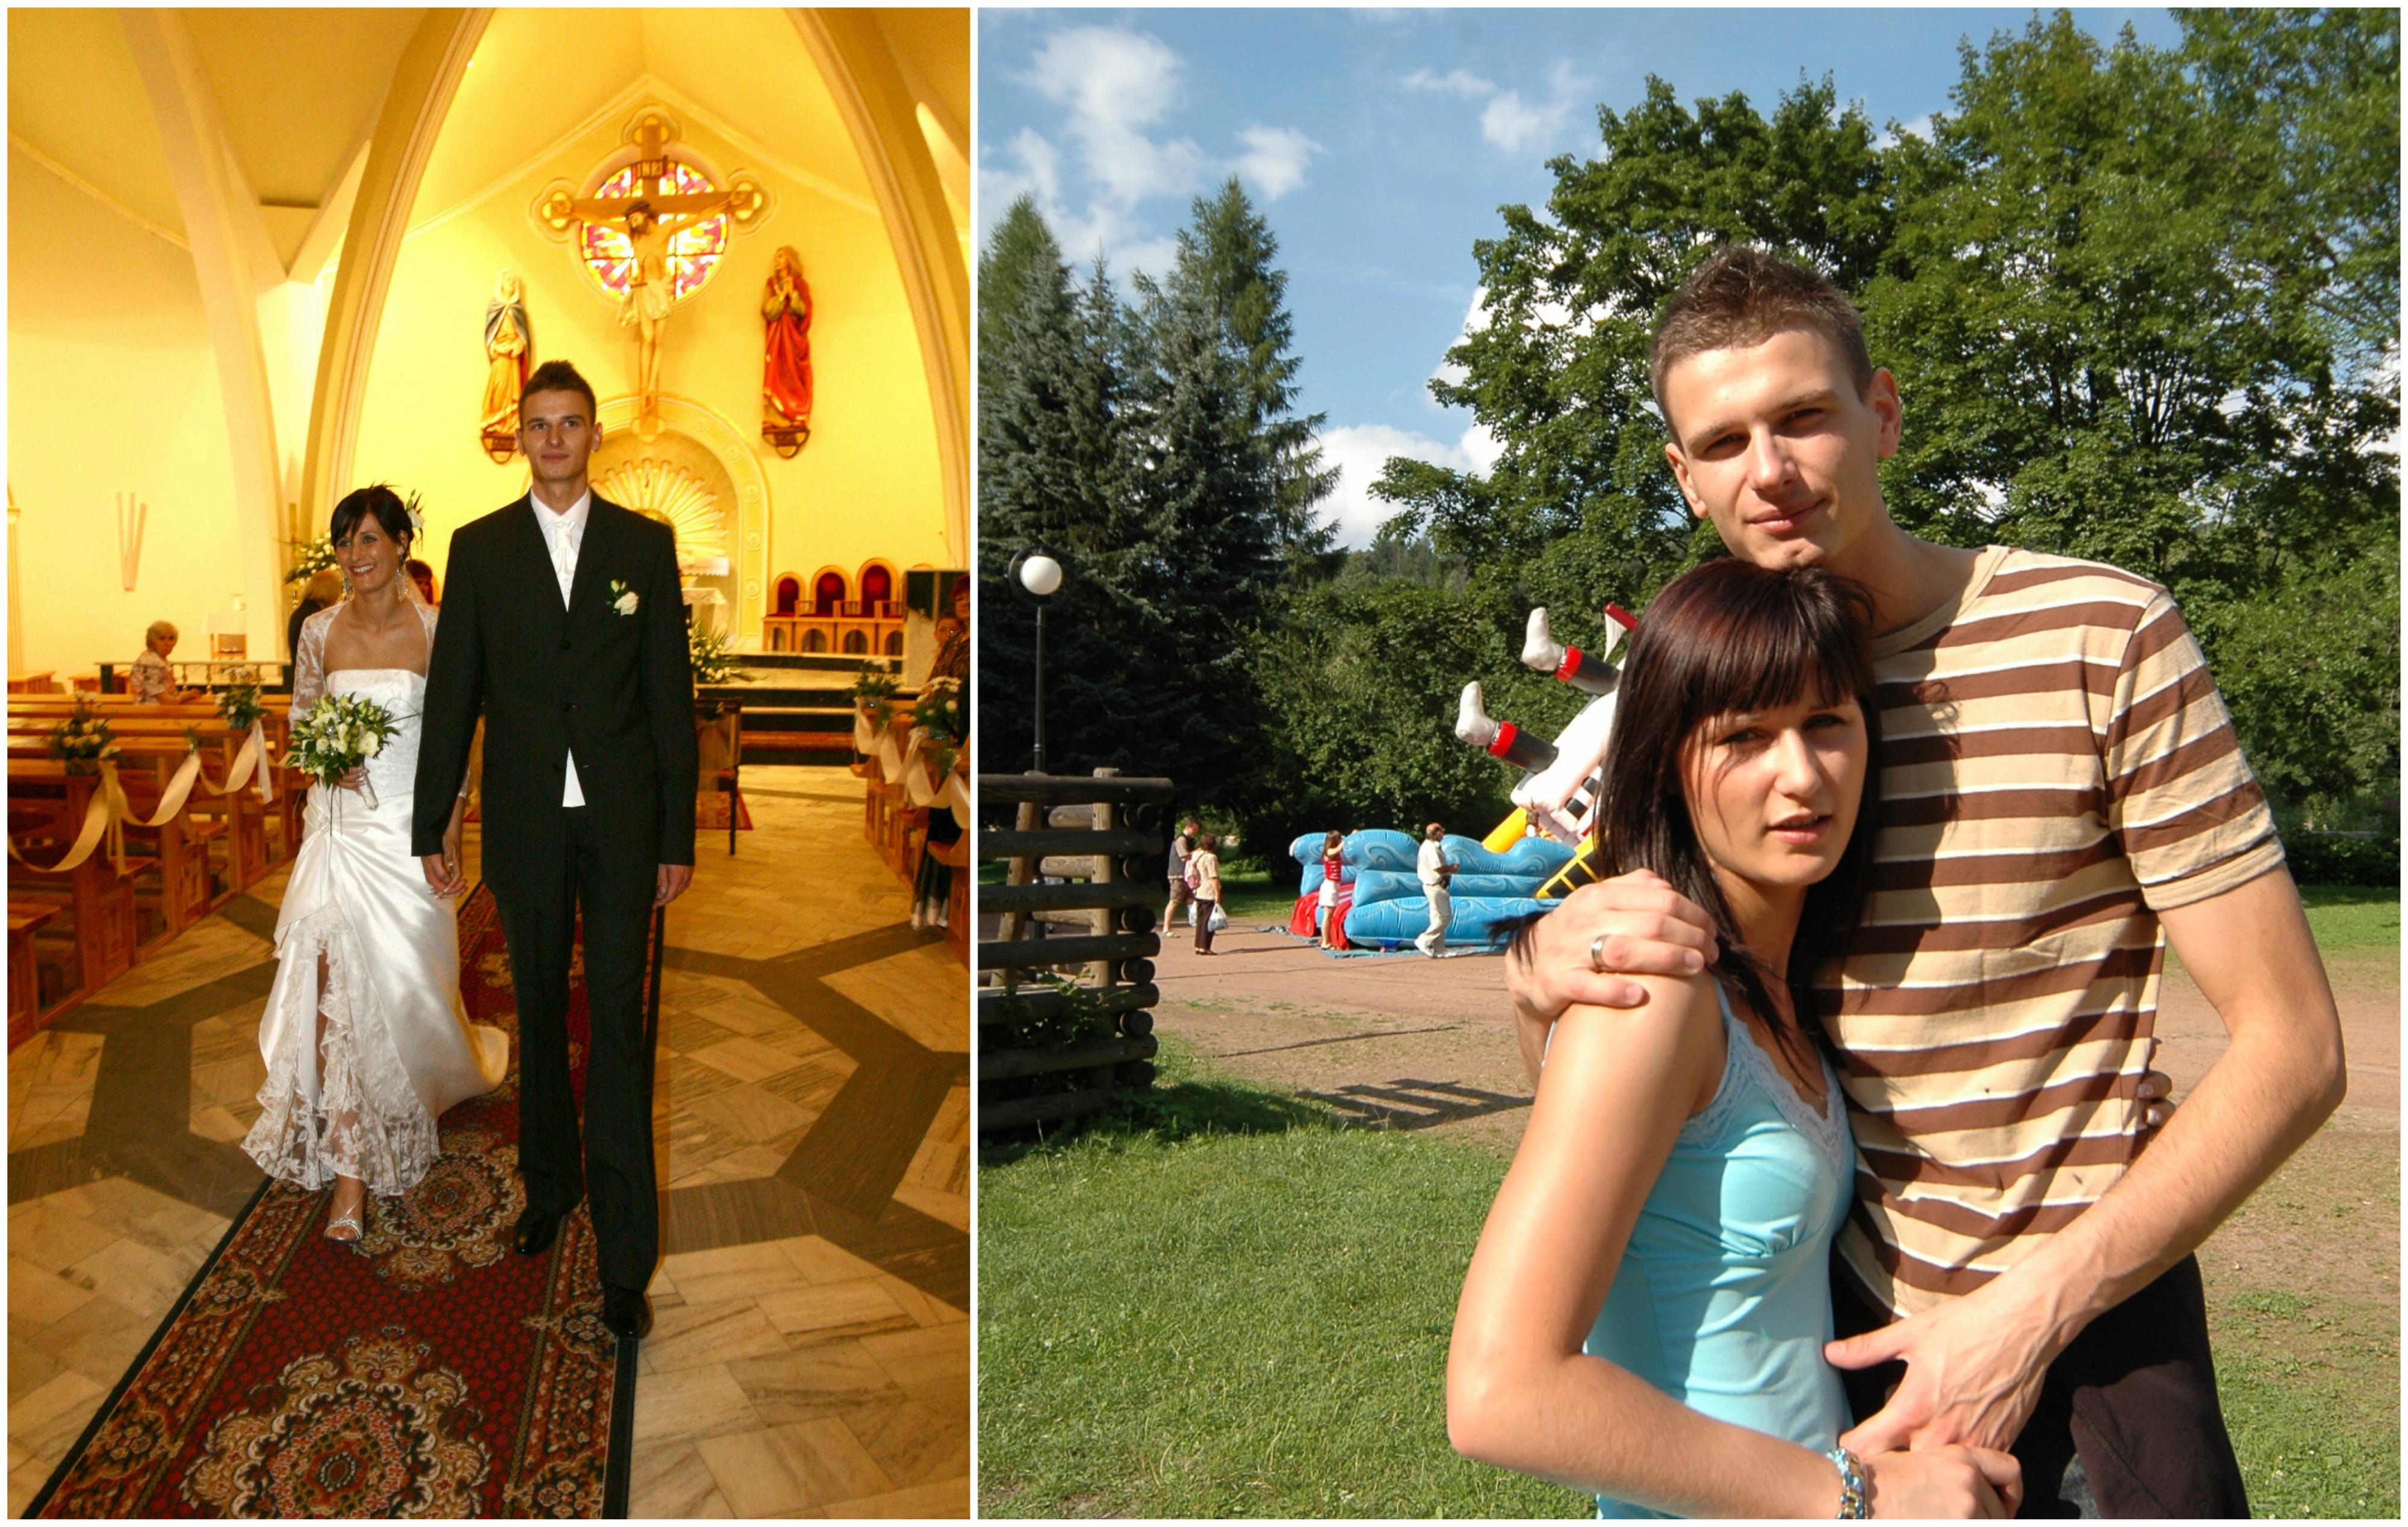 Arek i Agnieszka pobrali się na kilka tygodni przed wypadkiem (fot. archiwum prywatne)